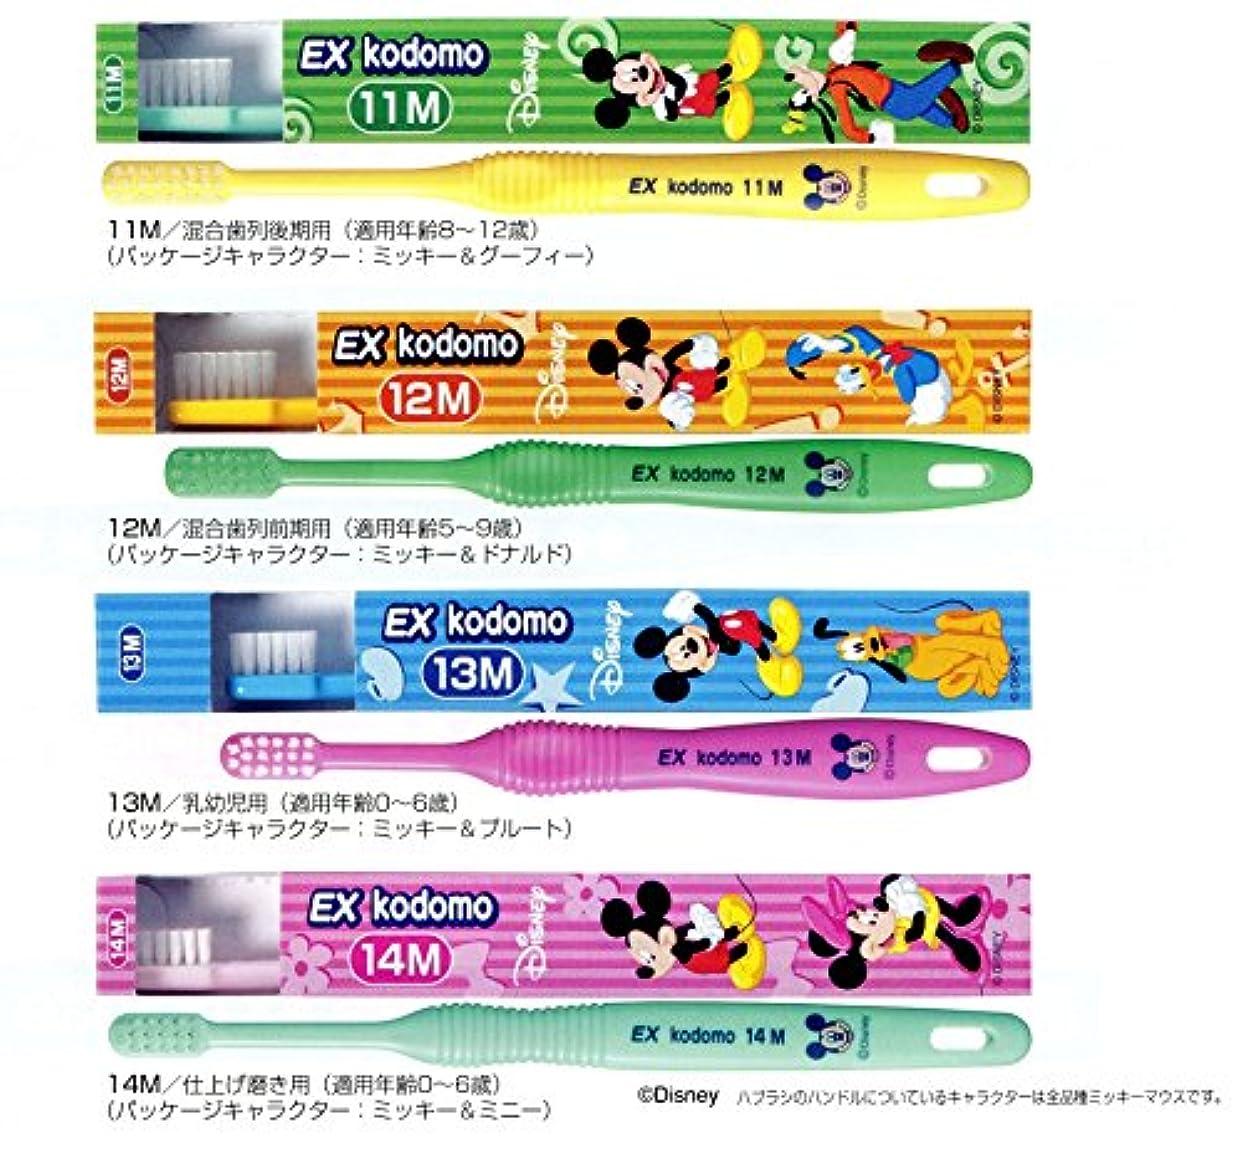 ビート鬼ごっこ加入ライオン コドモ ディズニー DENT.EX kodomo Disney 1本 14M イエロー (仕上げ磨き用?0?6歳)